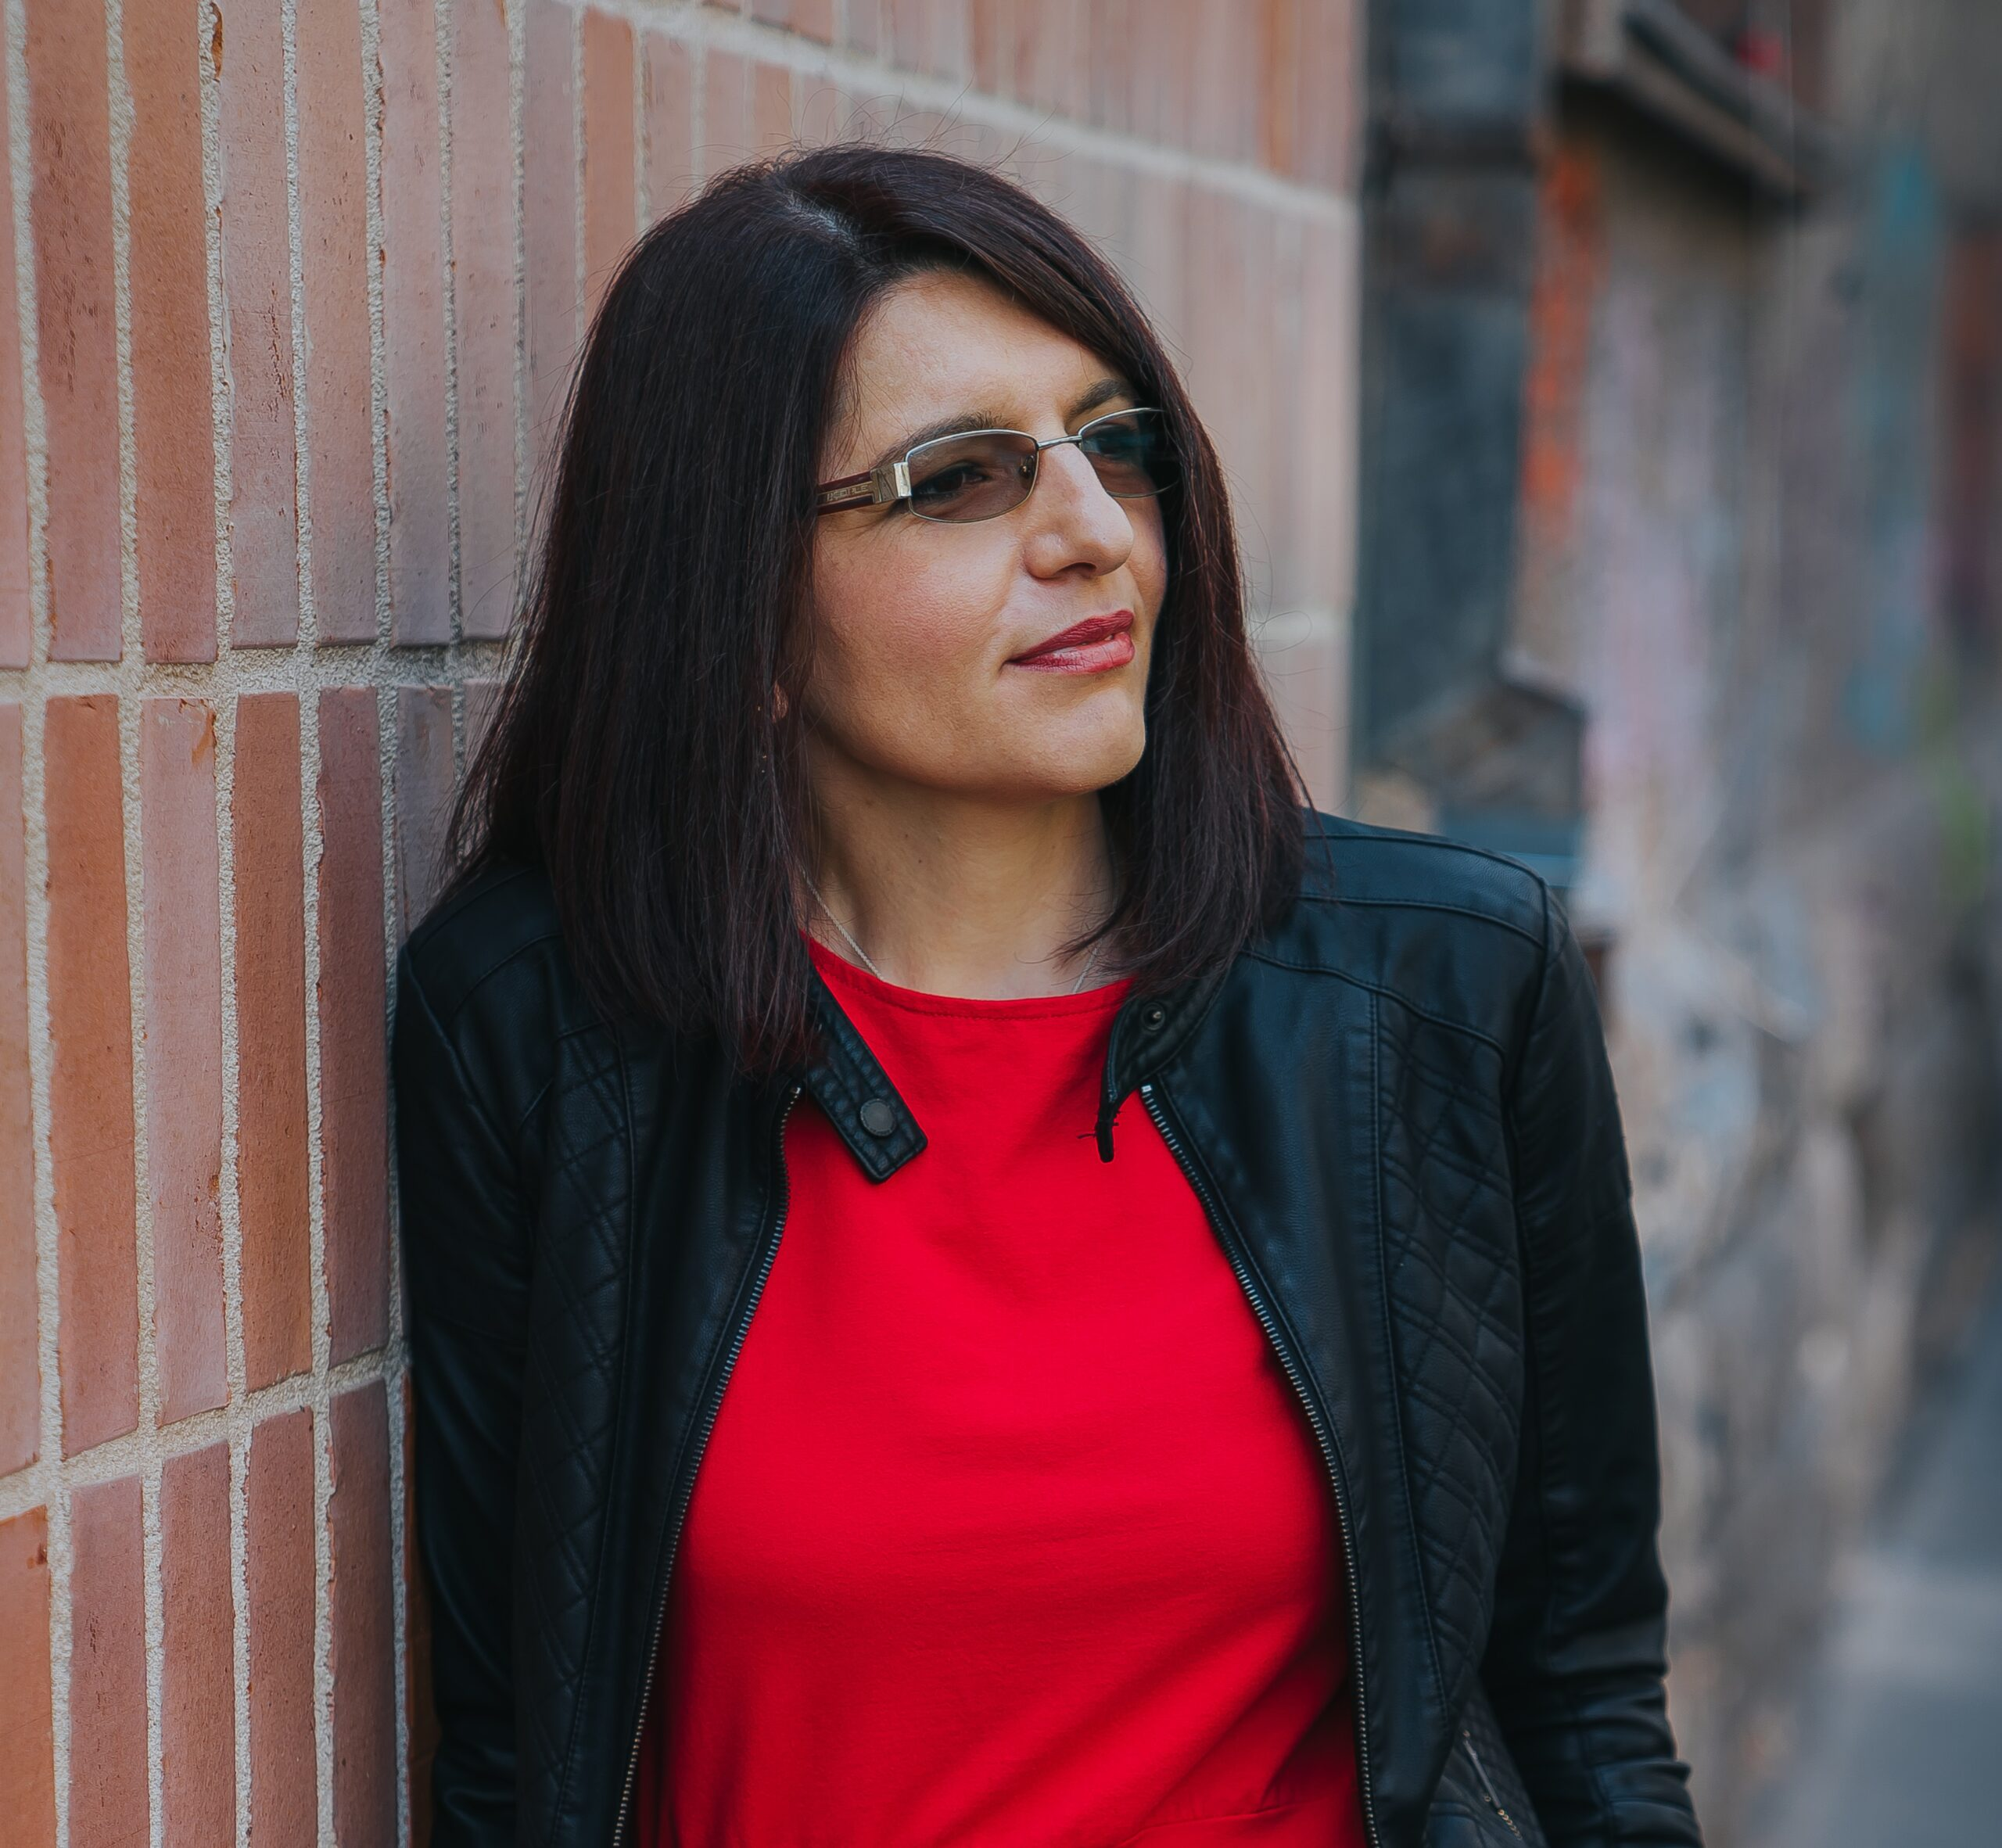 Carmen Mihalca a învins cancerul de sân:  Am ales să trăiesc clipa, să iau fiecare victorie ca pe următorul pas în câștigarea războiului